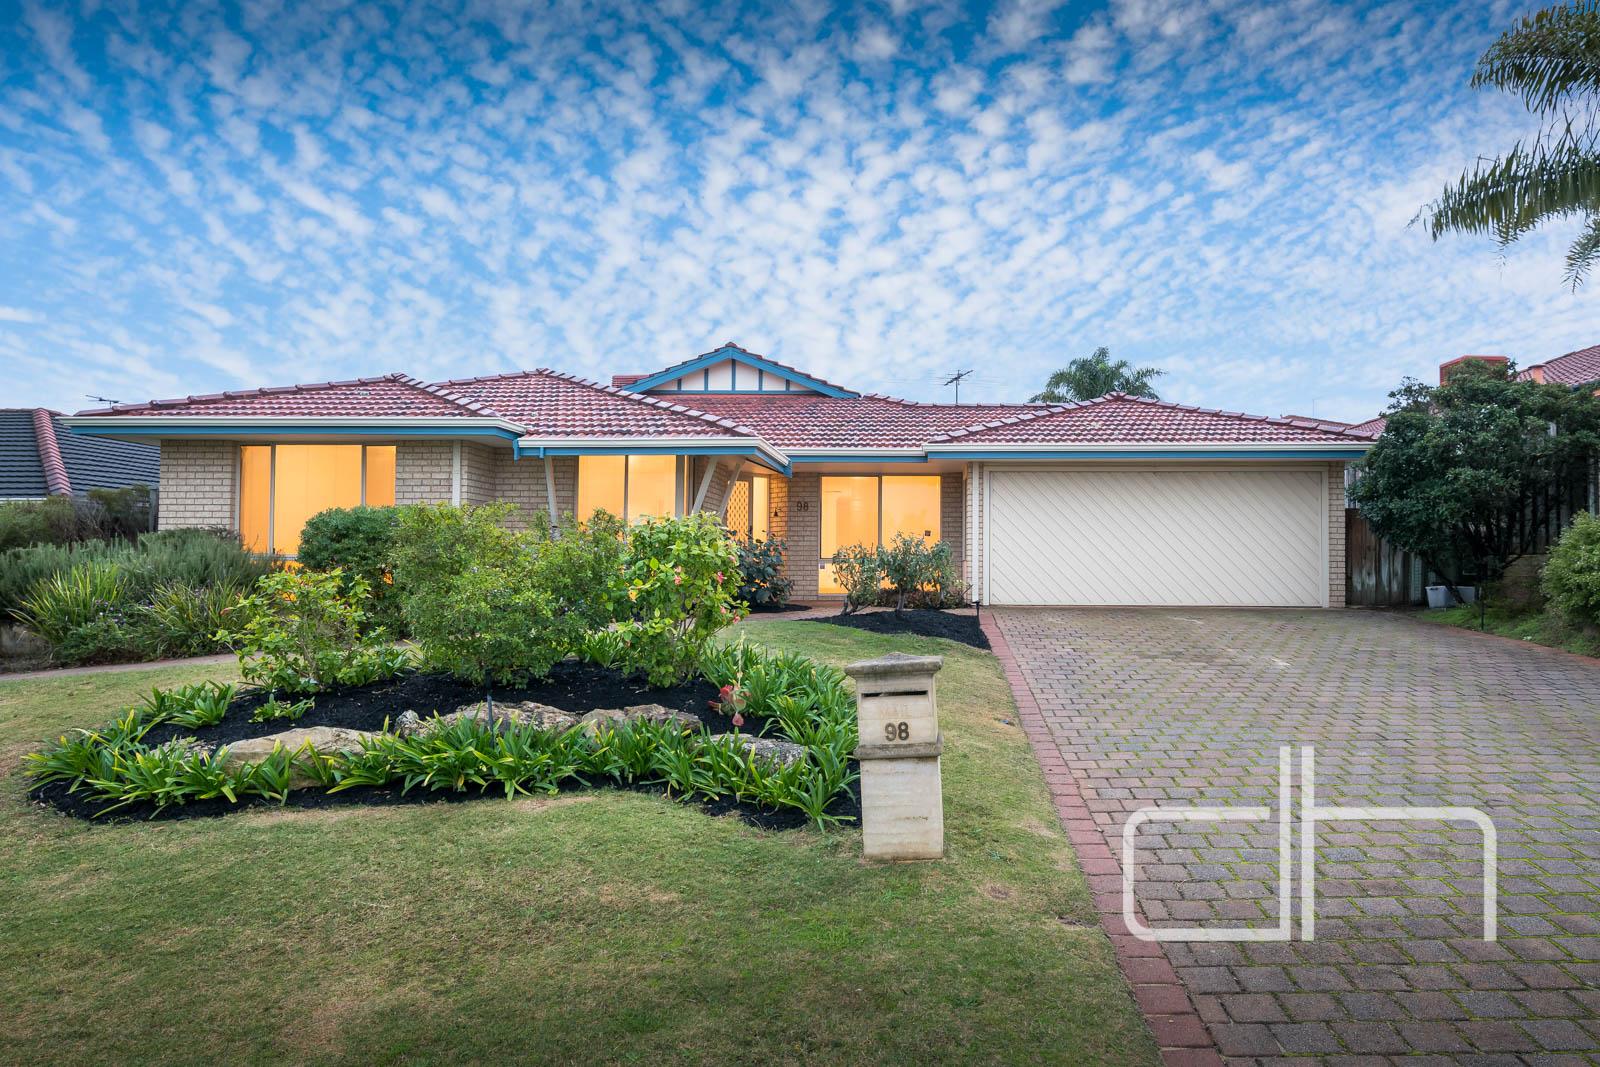 98 Queensway Road $480,000